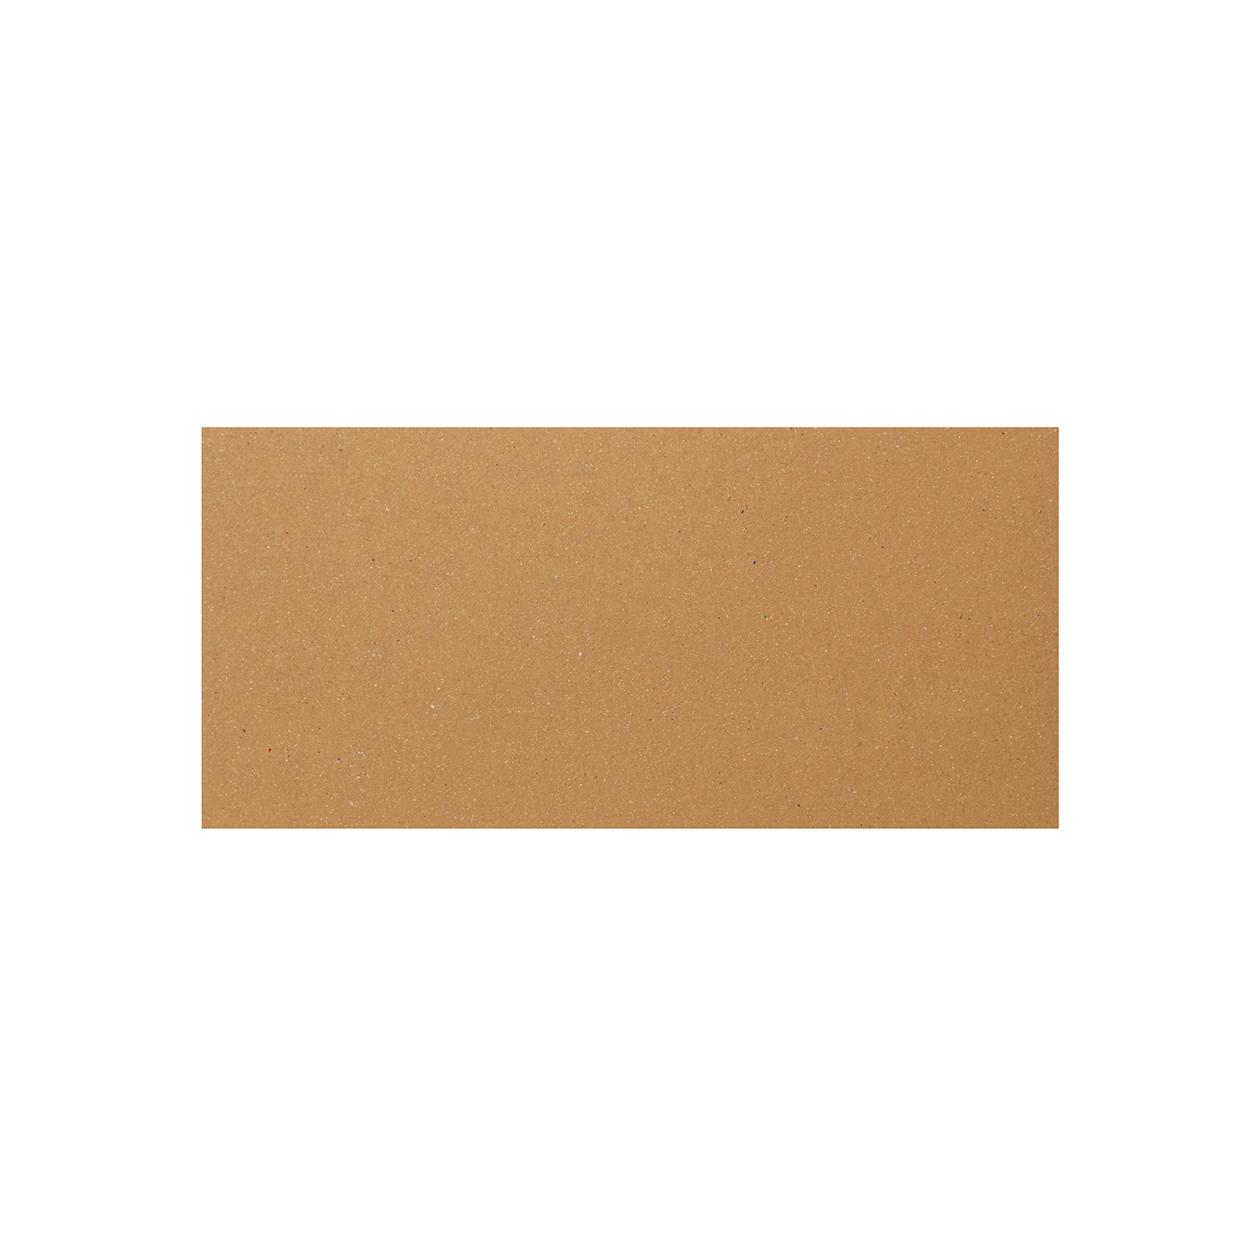 A31カード ボード紙 ブラウン 450g